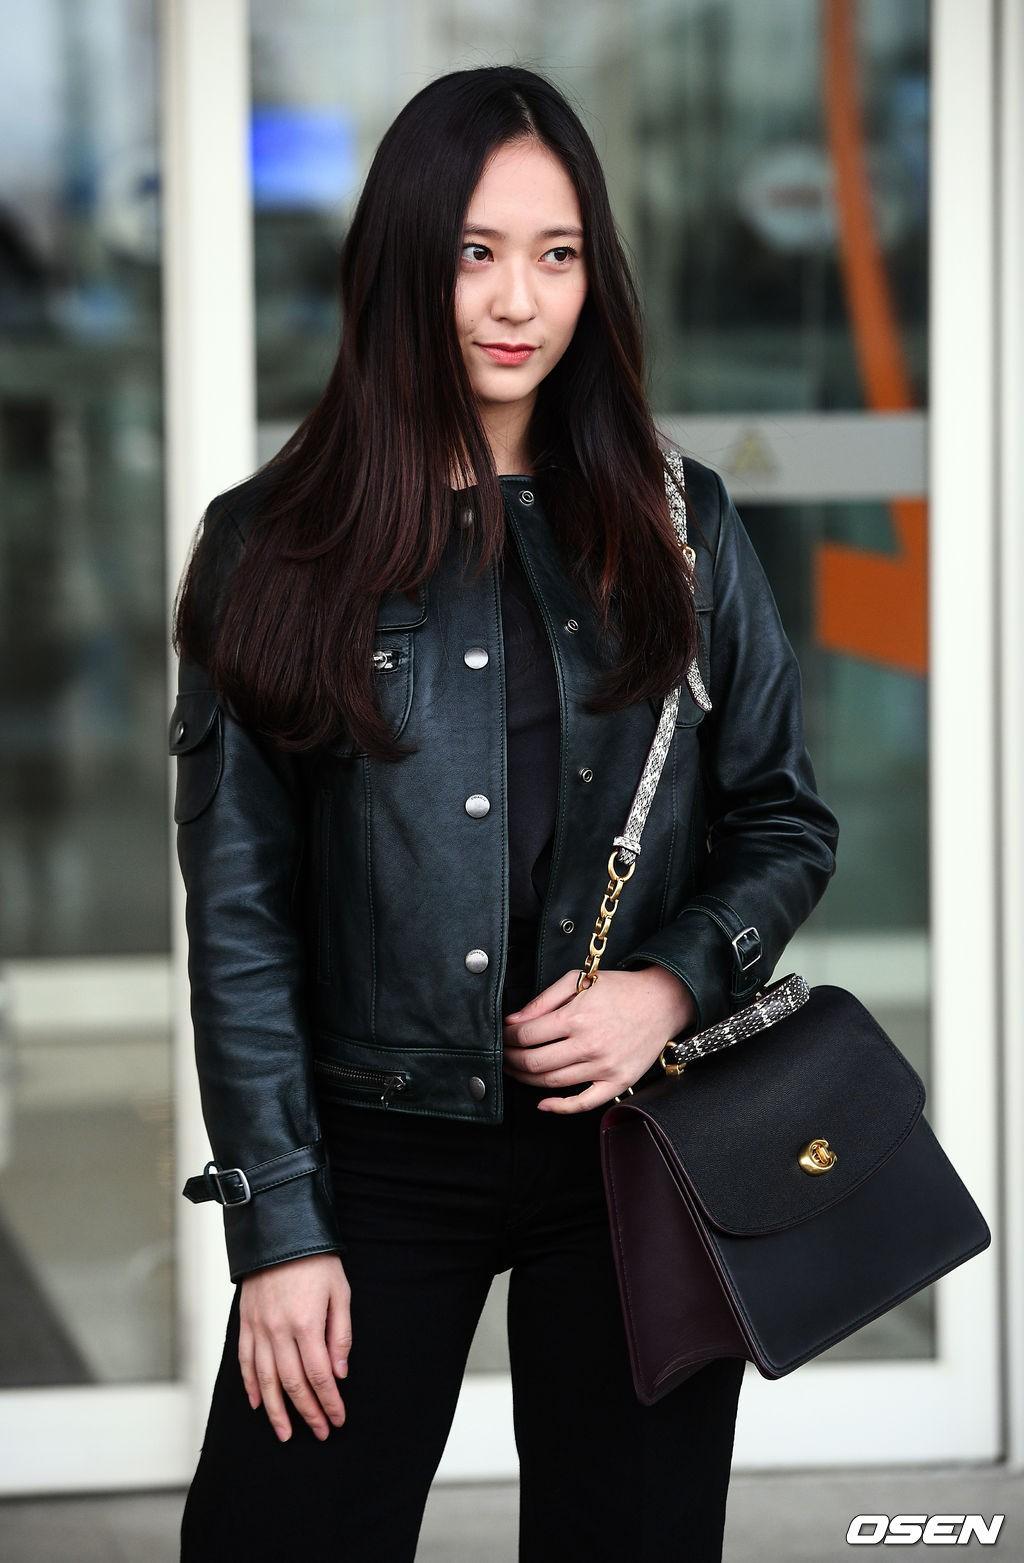 Cùng tăng cân khi xuất hiện tại sân bay: Krystal bị chê vừa thô vừa xuống sắc, Seohyun được khen xinh rạng rỡ - Ảnh 4.